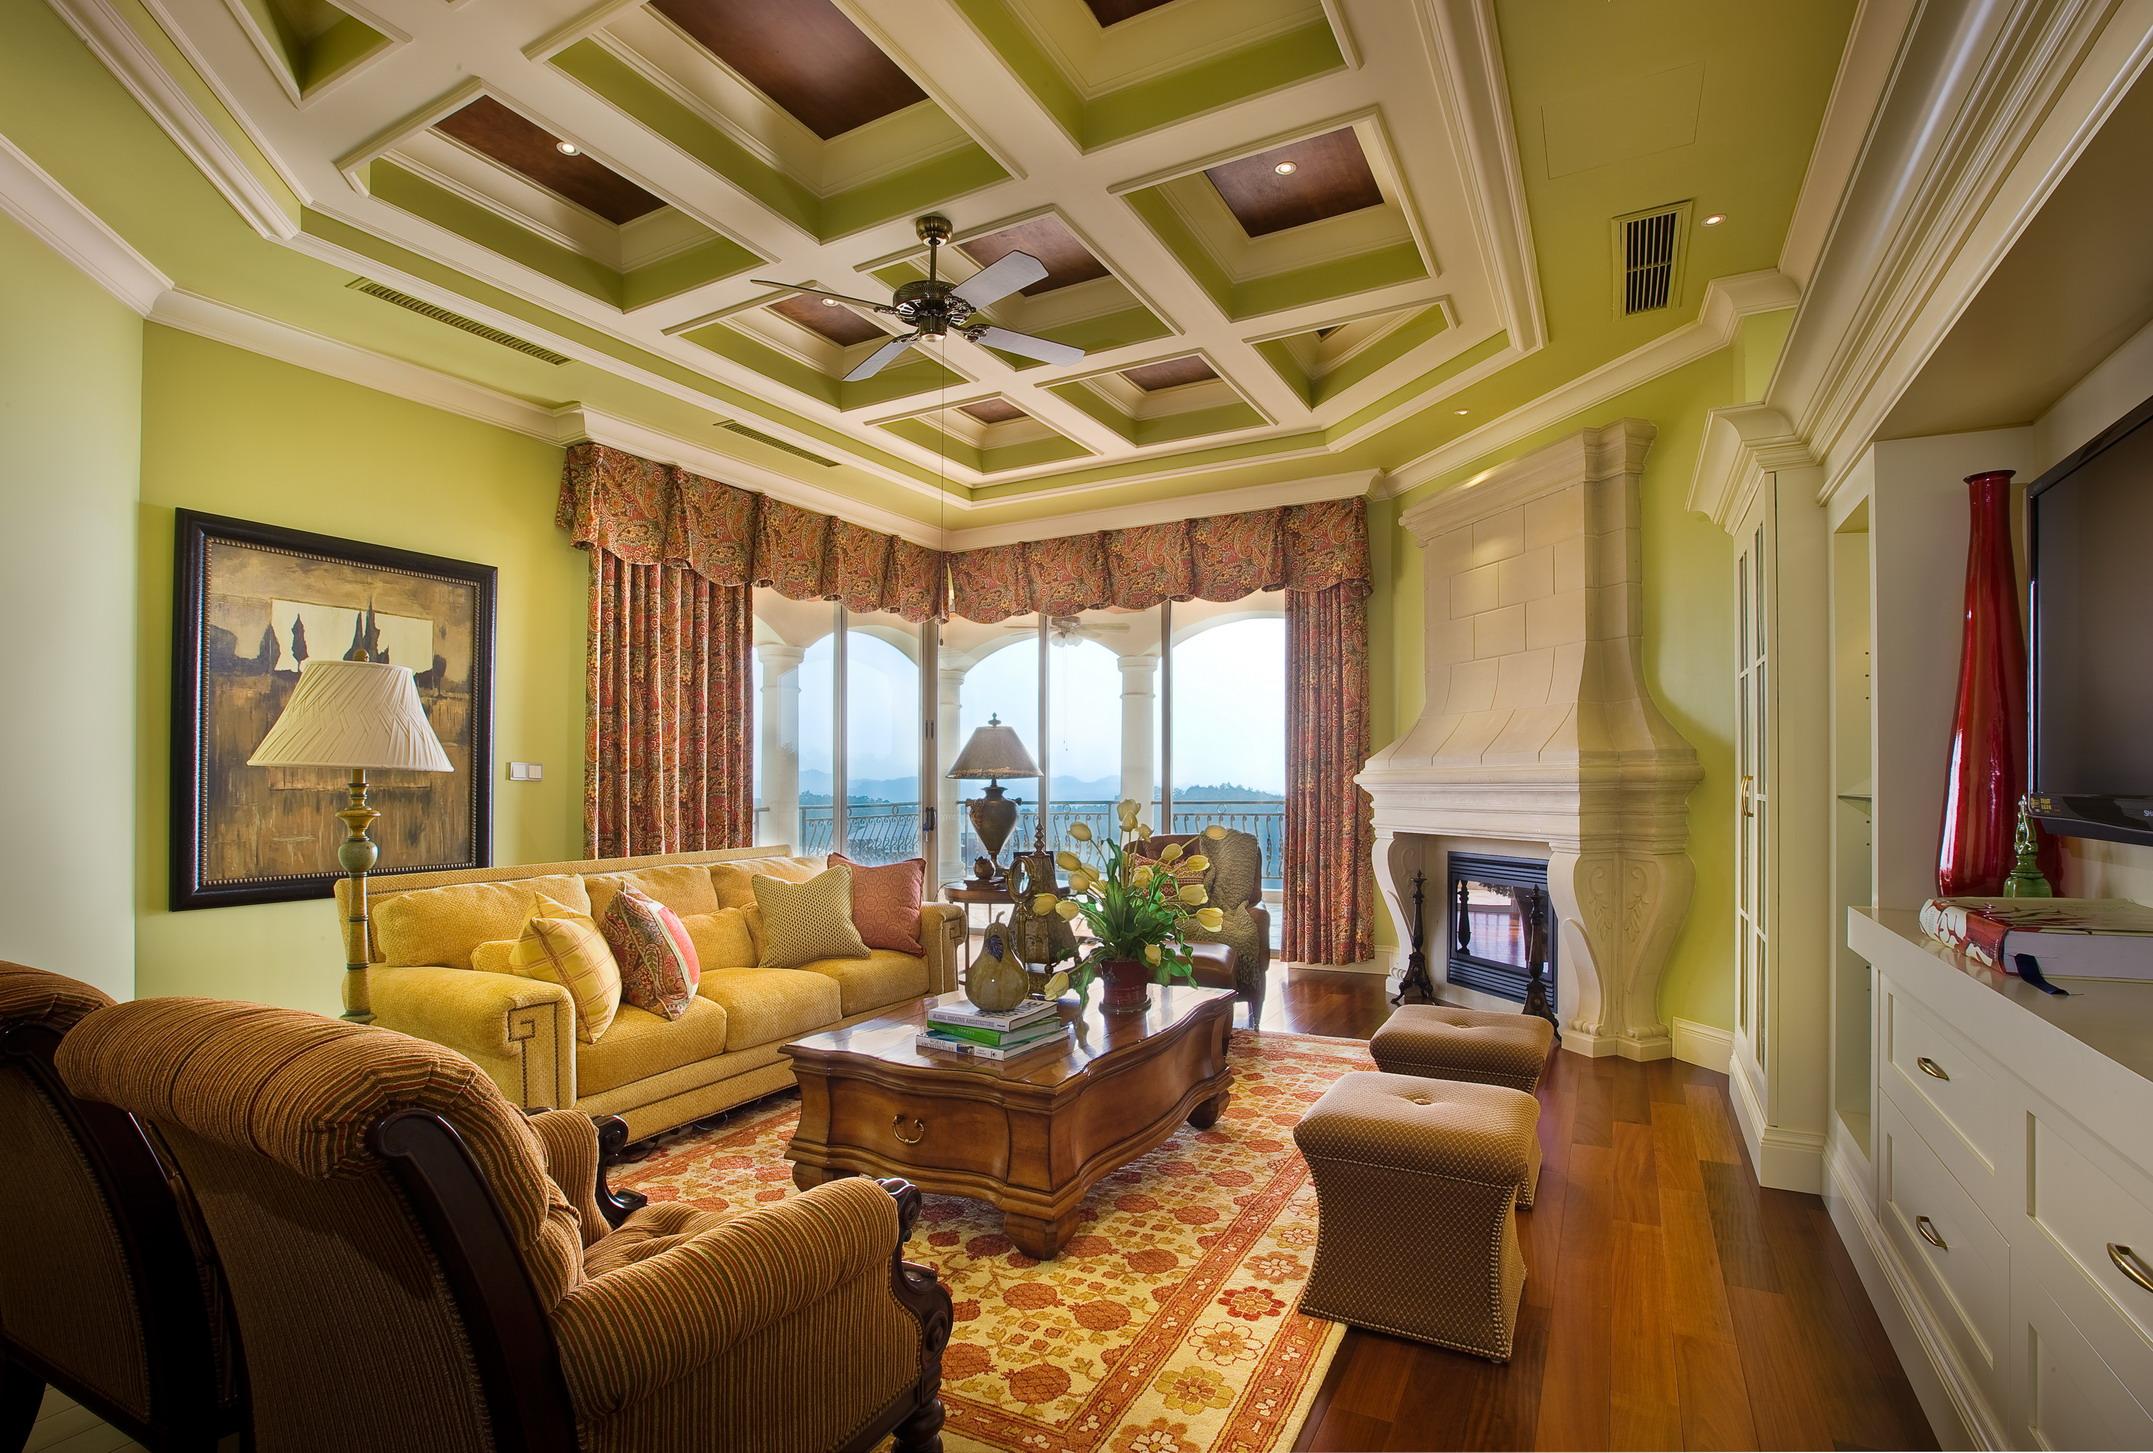 美式 别墅 度假别墅 舒心 大气 客厅图片来自武汉实创装饰在千岛湖度假别墅,舒心美式豪宅的分享